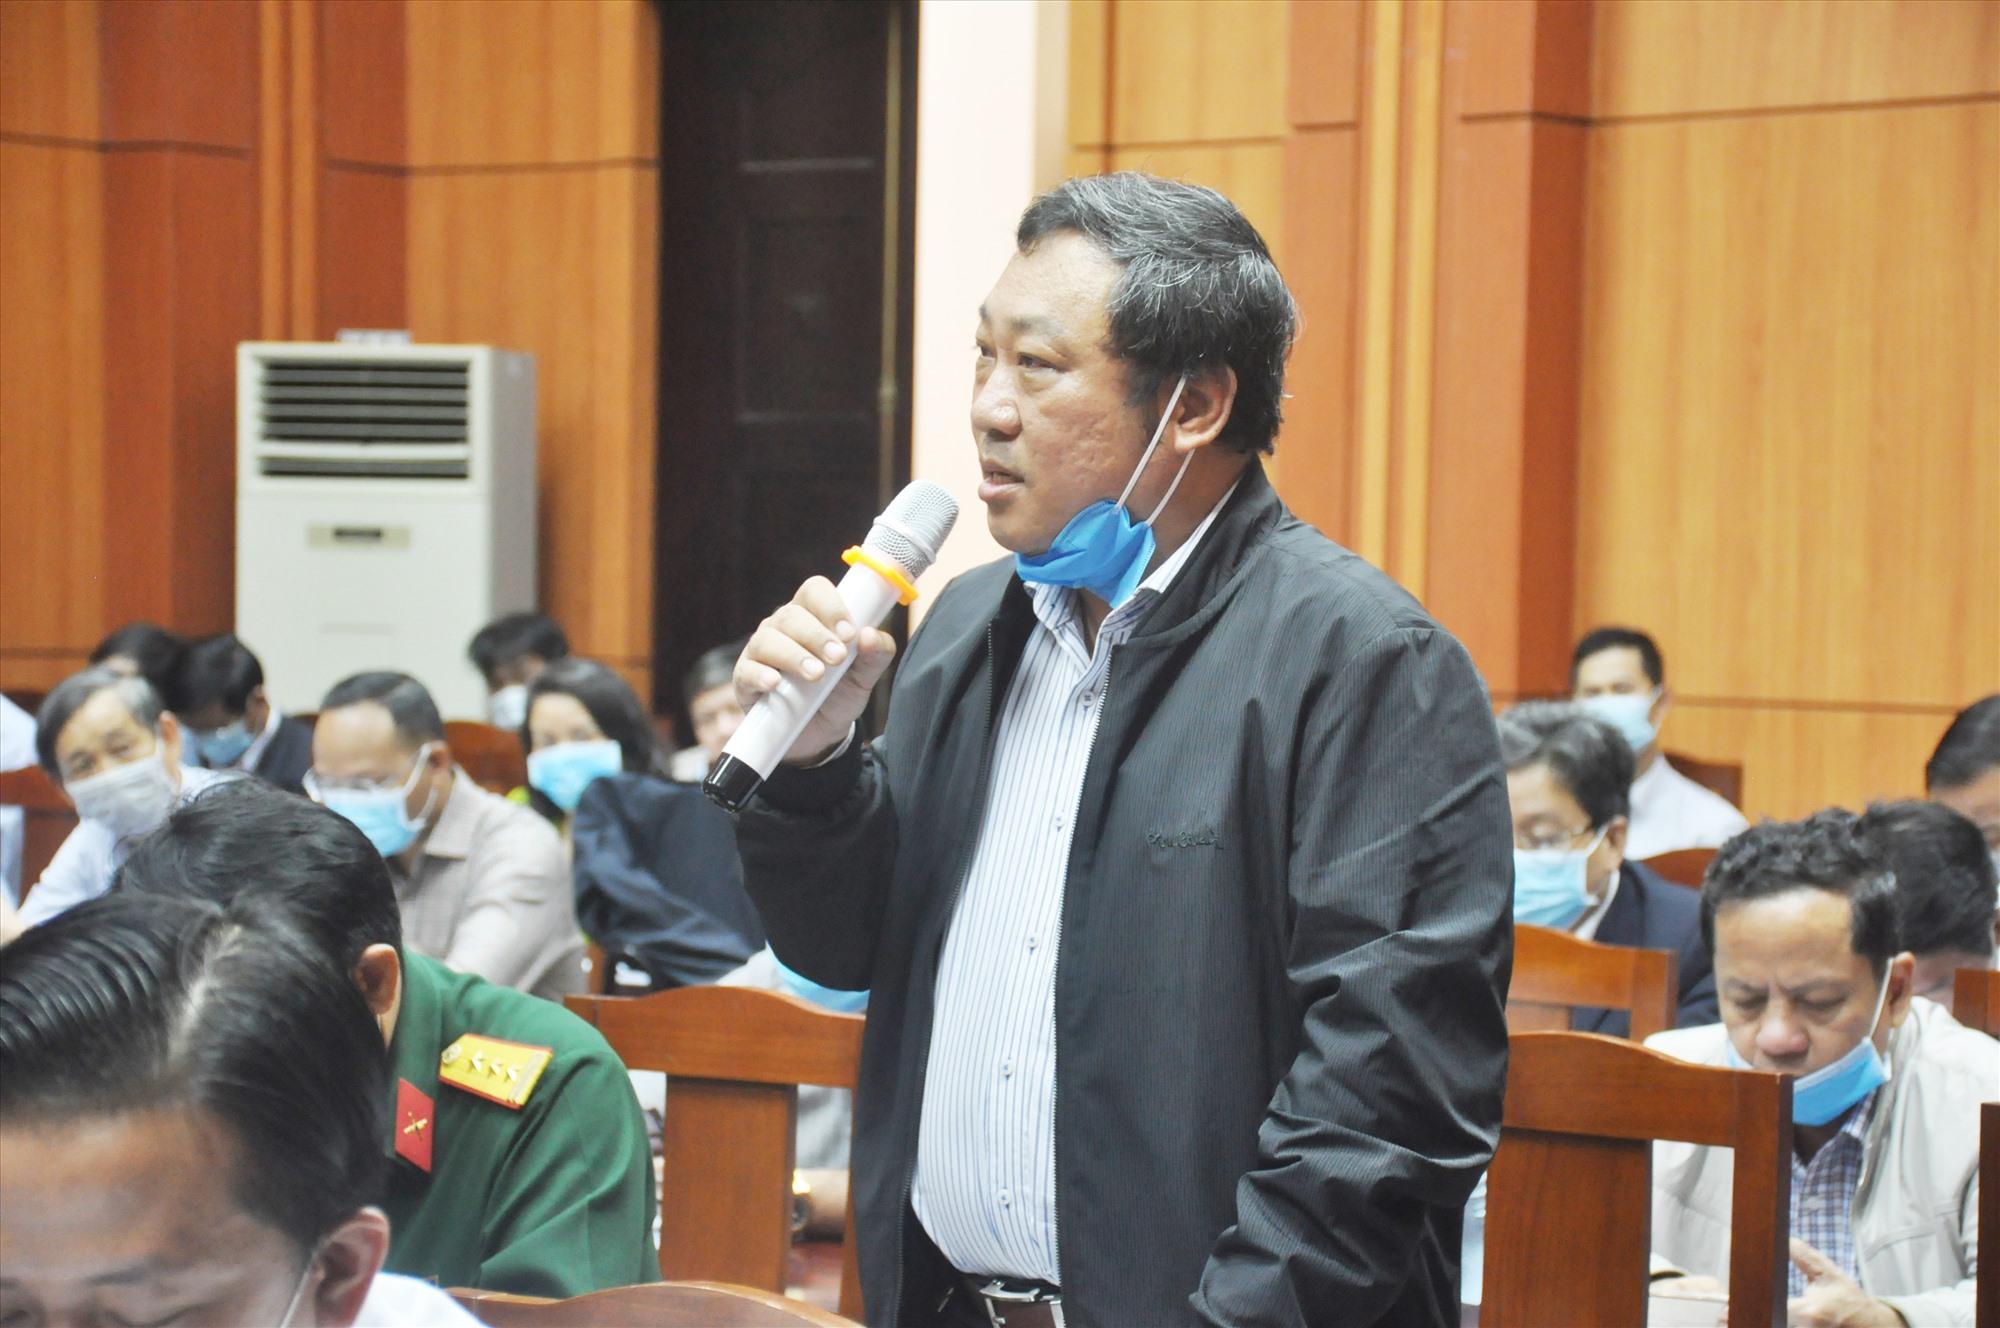 Đại biểu thảo luận tại Hội nghị Tỉnh ủy lần thứ 2. Ảnh: N.Đ